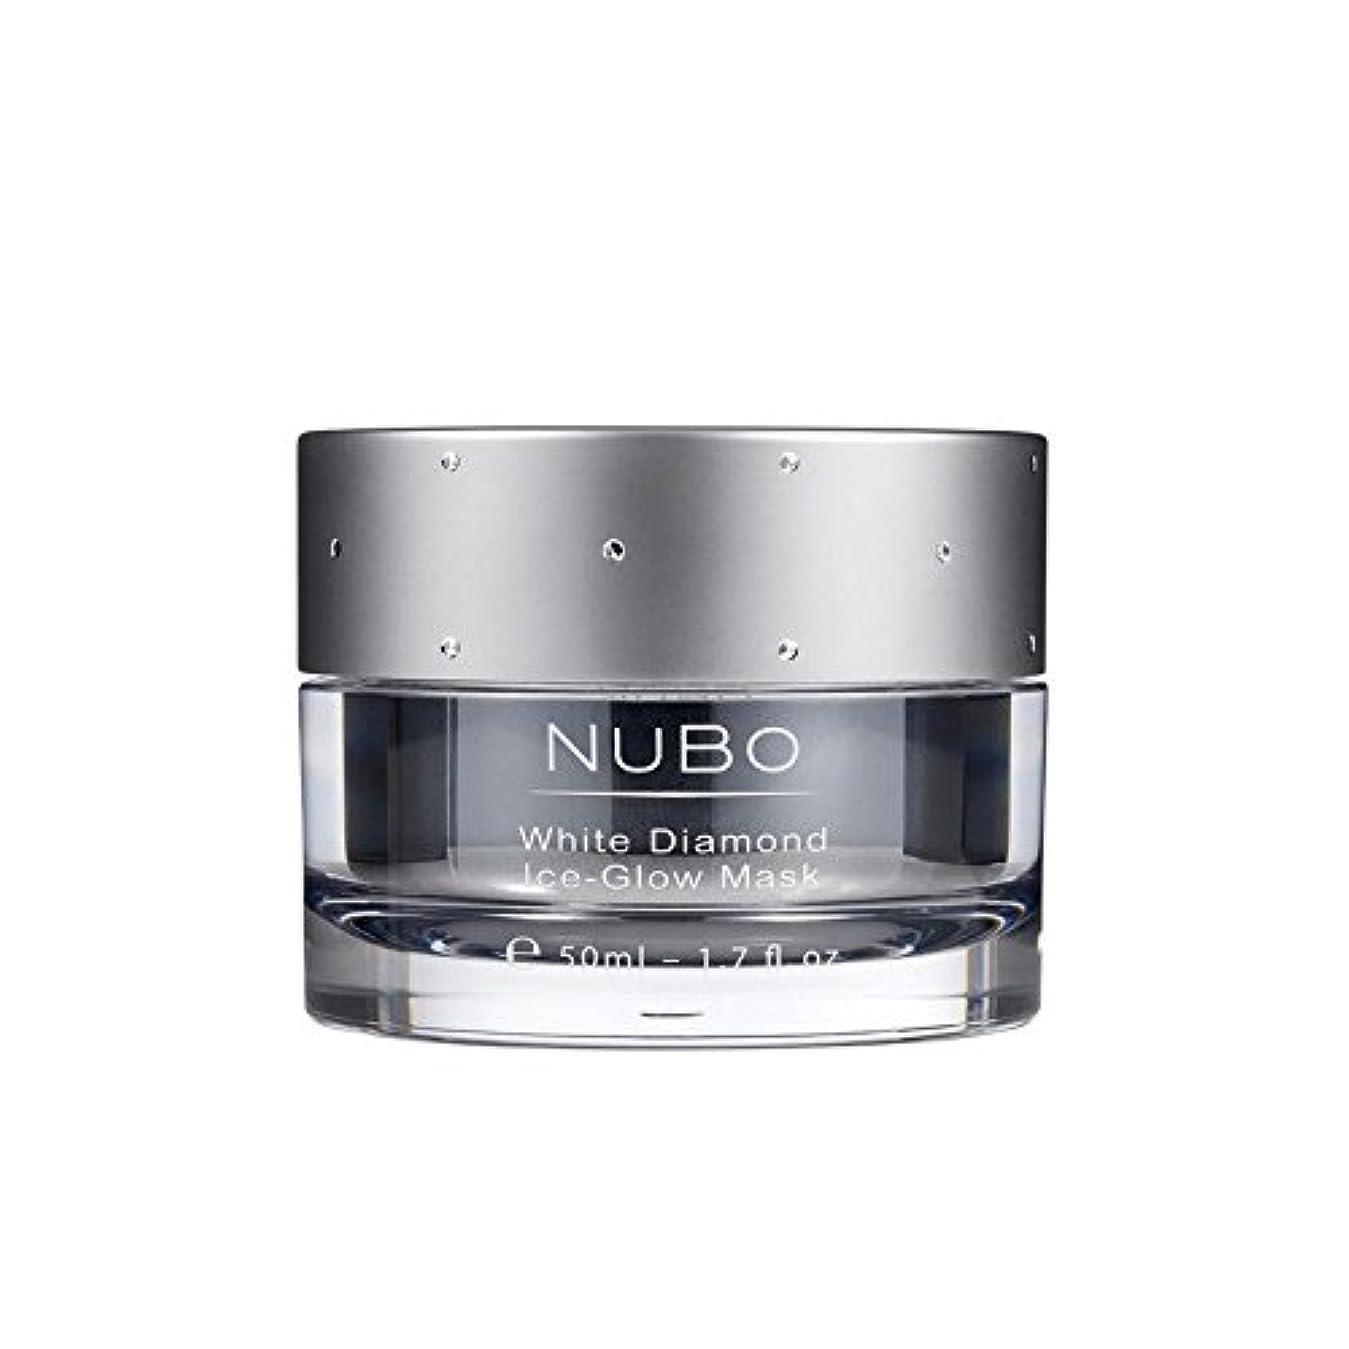 リスチャーミングオフ白いダイヤモンドの氷のグローマスク50ミリリットル x4 - Nubo White Diamond Ice Glow Mask 50ml (Pack of 4) [並行輸入品]